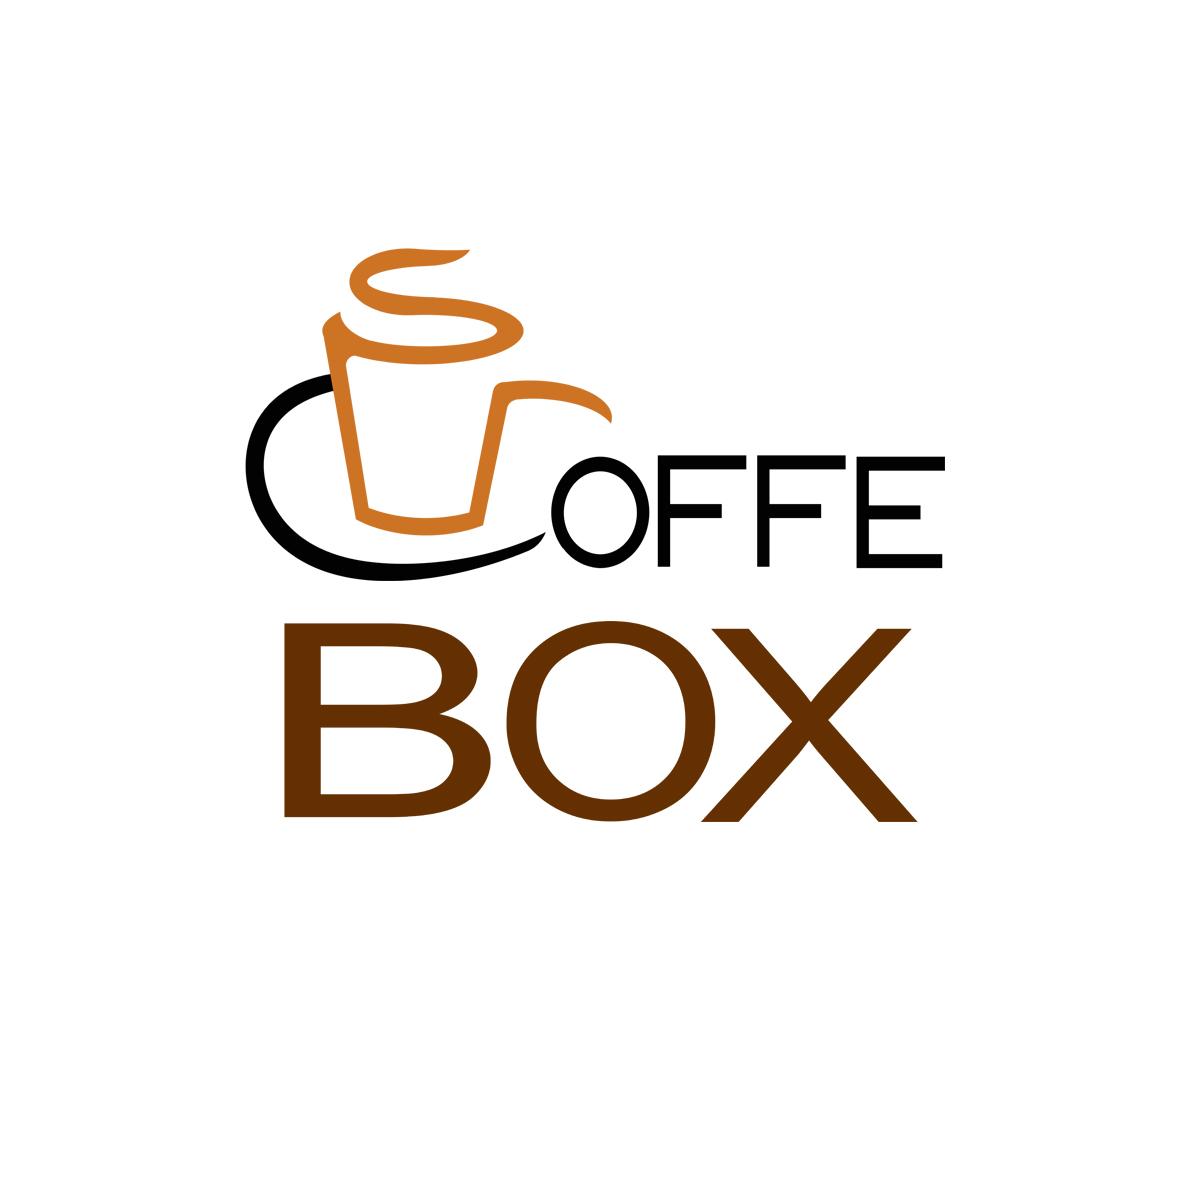 Требуется очень срочно разработать логотип кофейни! фото f_4405a13af4540c13.jpg